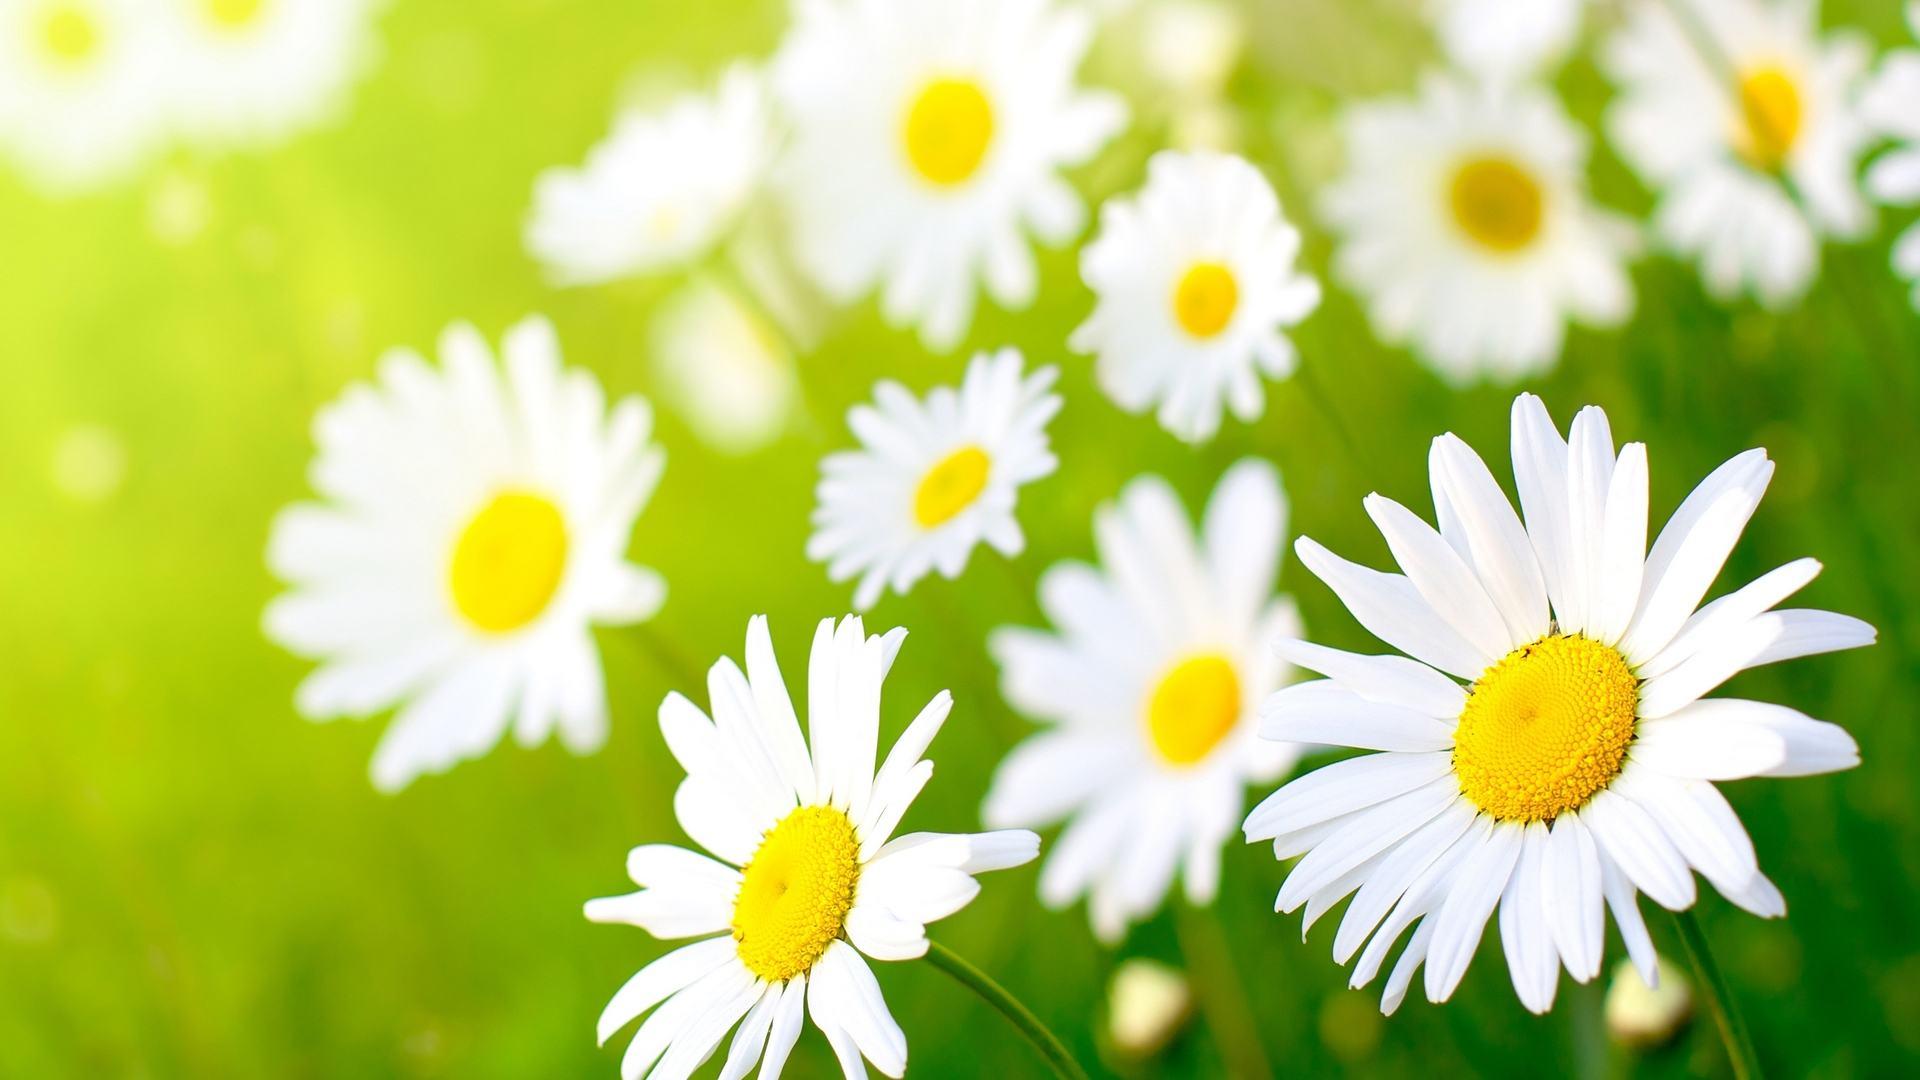 cánh đồng hoa cúc